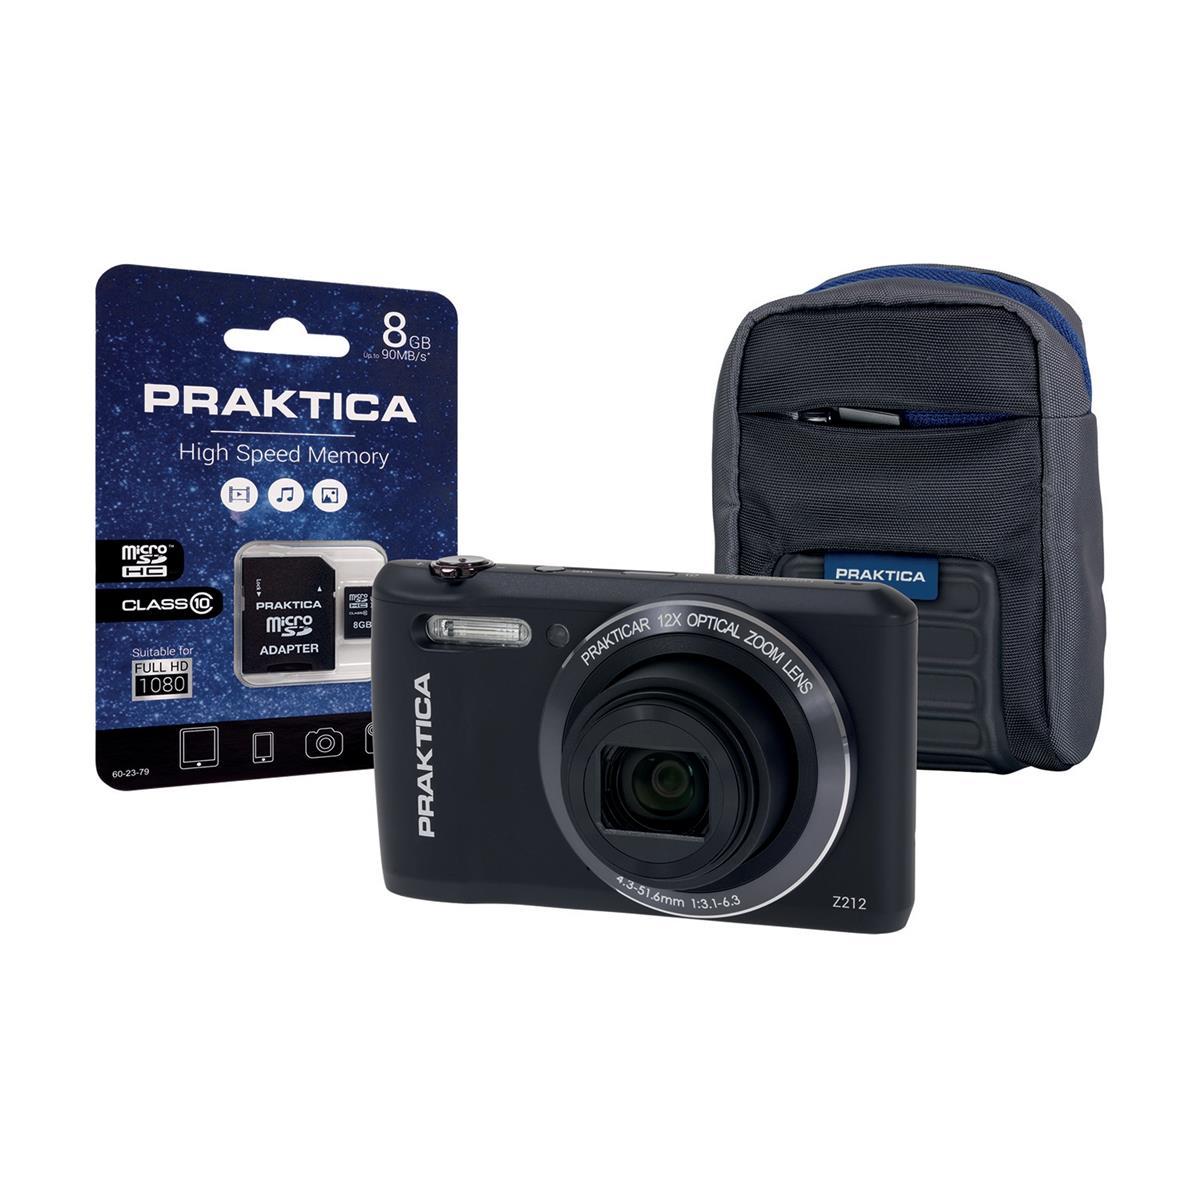 Praktica Z212 Digital Camera Kit Wide 12x Optical Zoom Lens 20MP Black Ref Z212-BK 8GBCASE